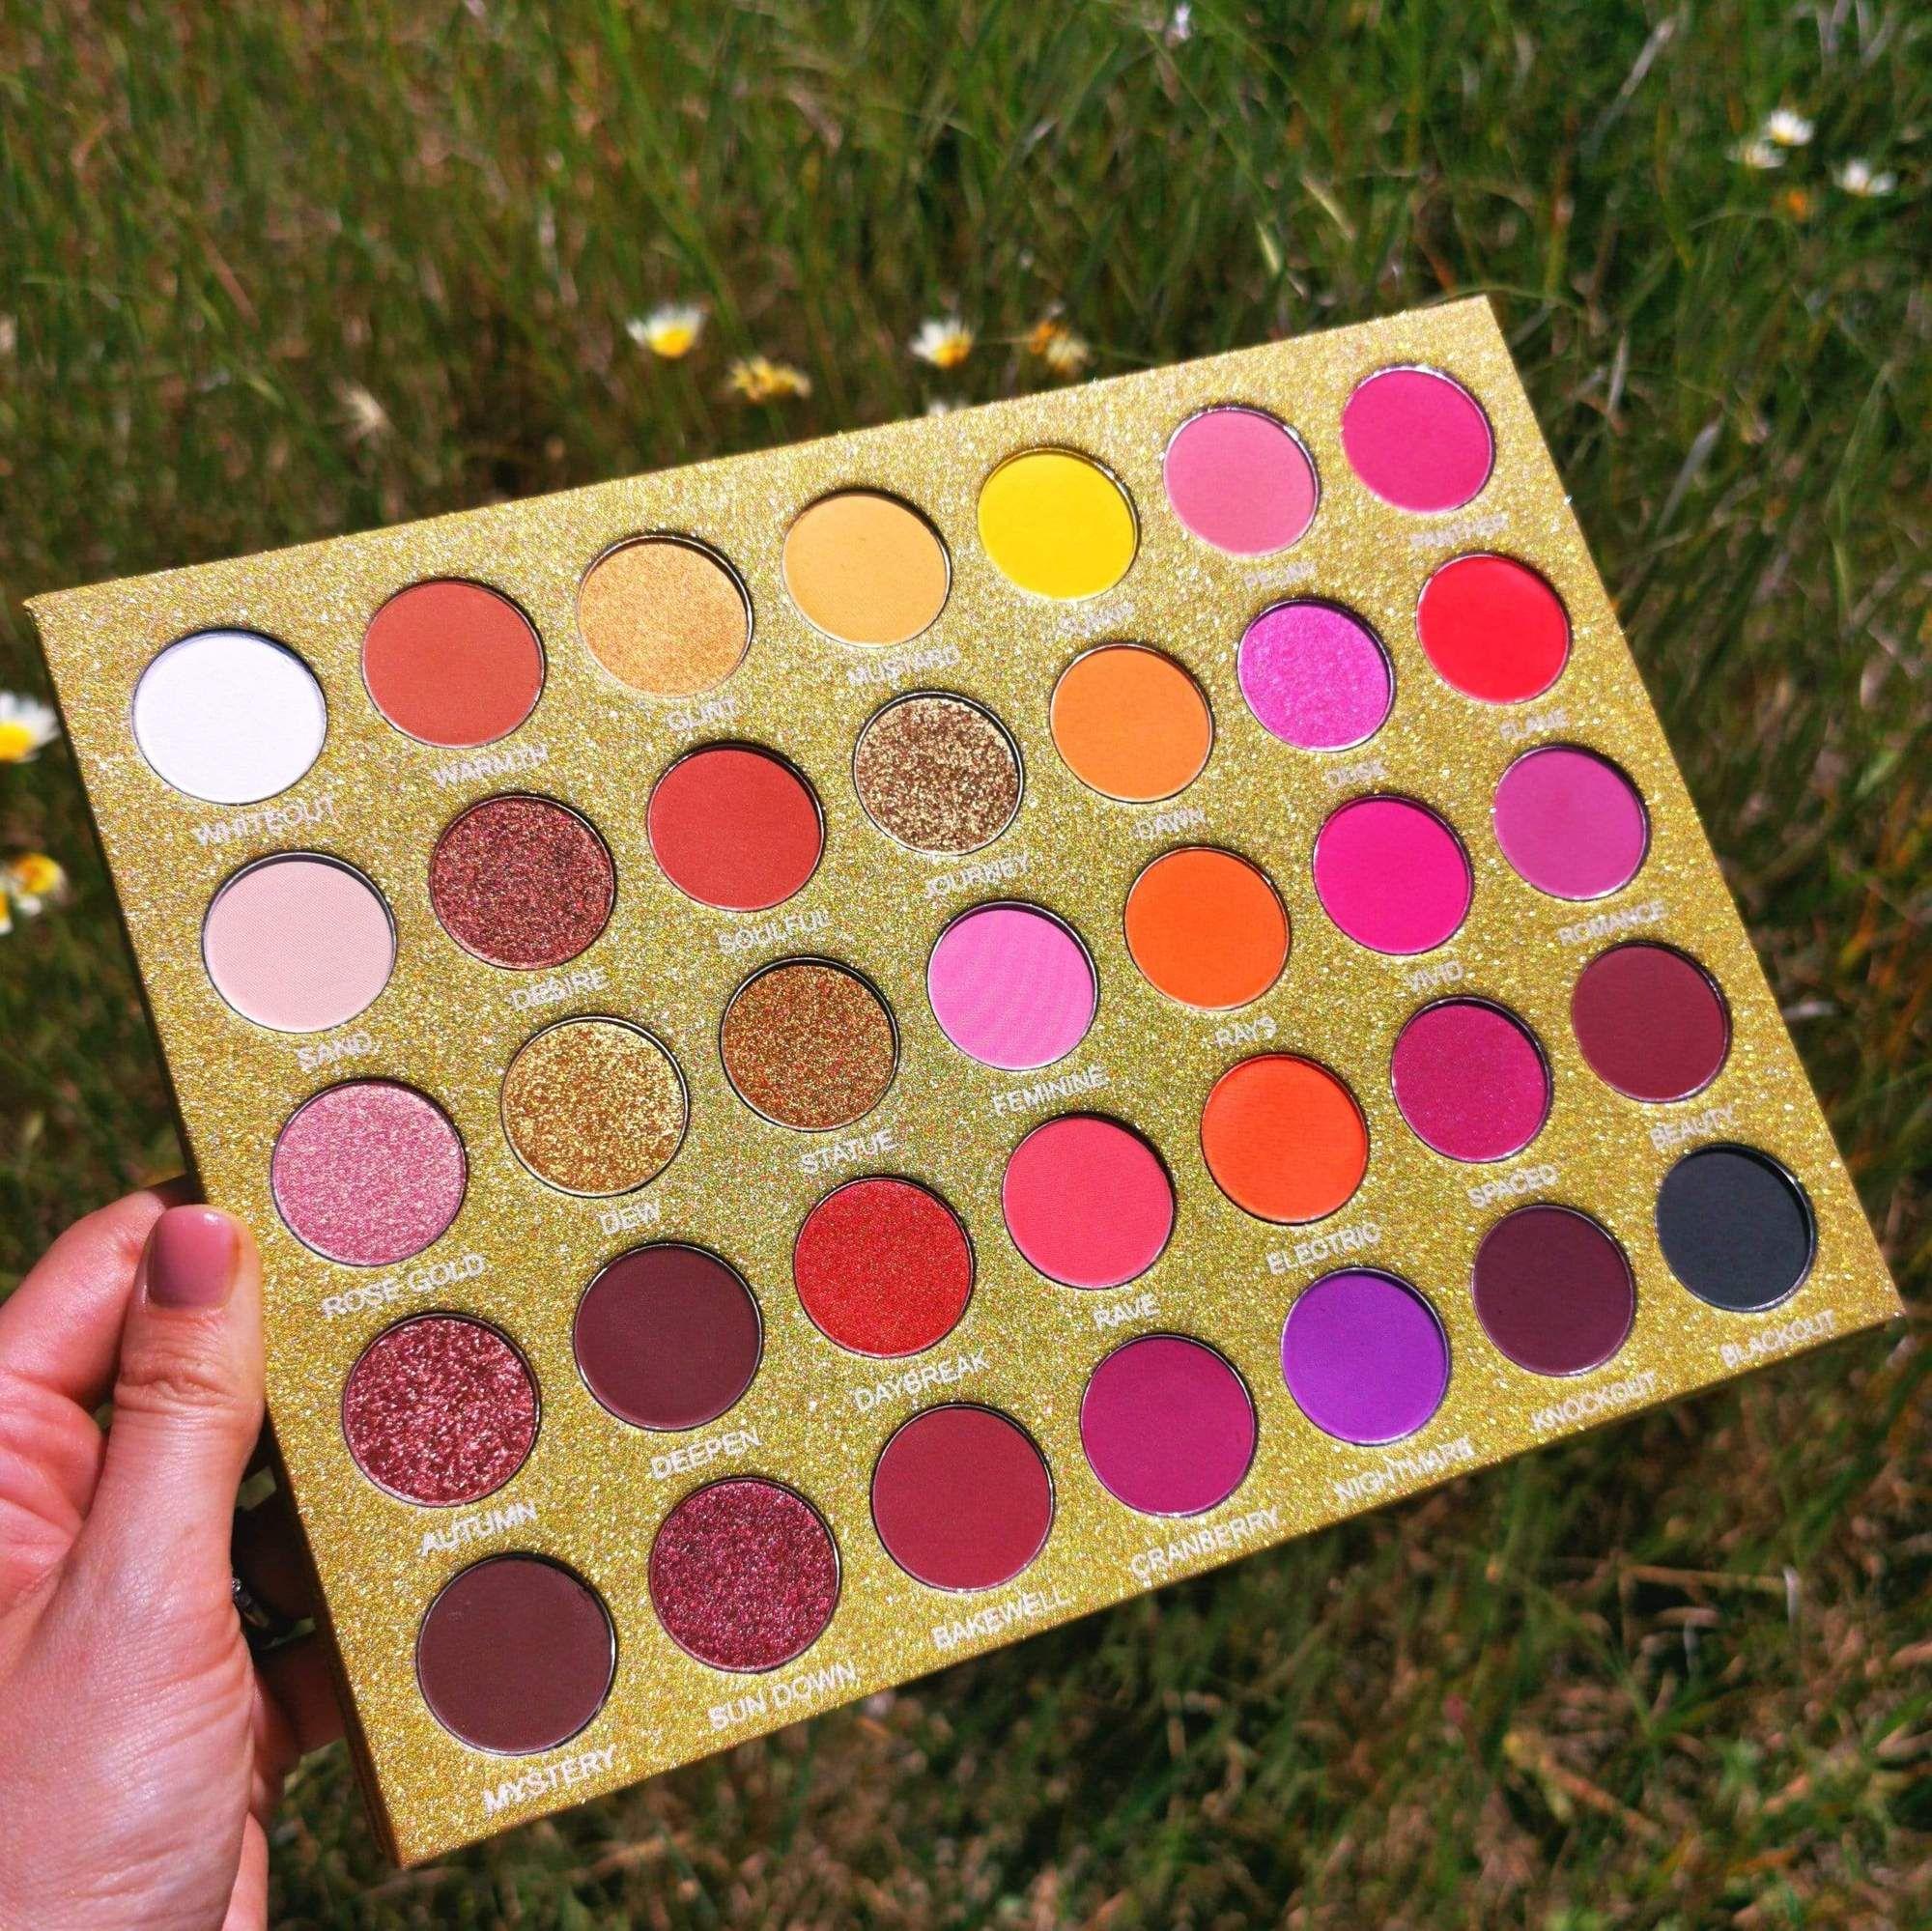 Golden Skies 35 Shade Sunset Eyeshadow Palette in 2020